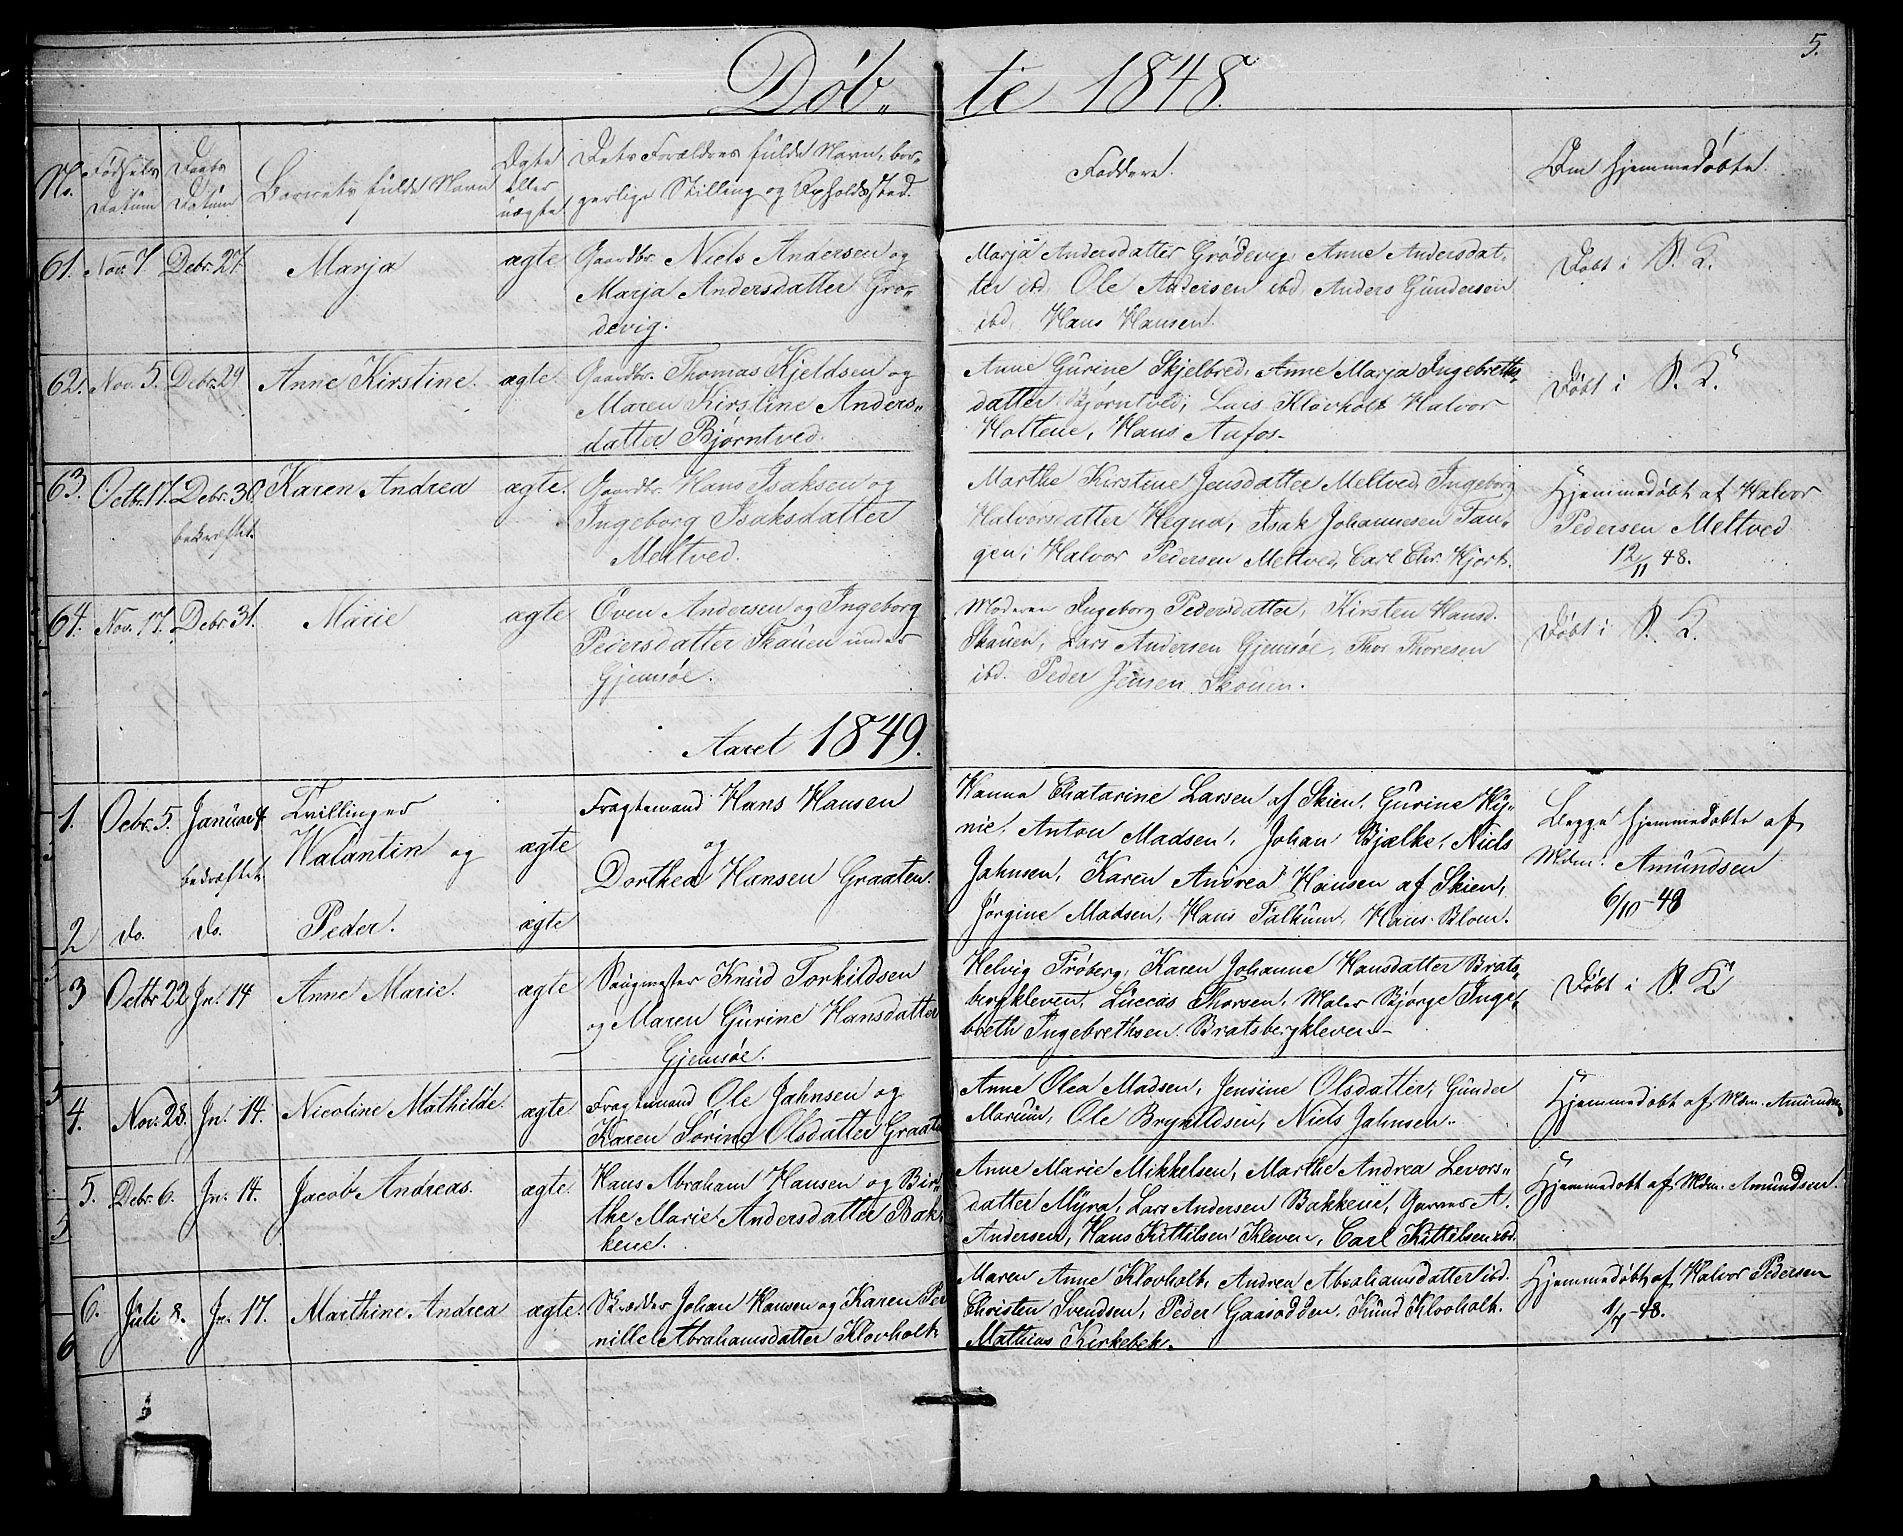 SAKO, Solum kirkebøker, G/Ga/L0003: Klokkerbok nr. I 3, 1848-1859, s. 5